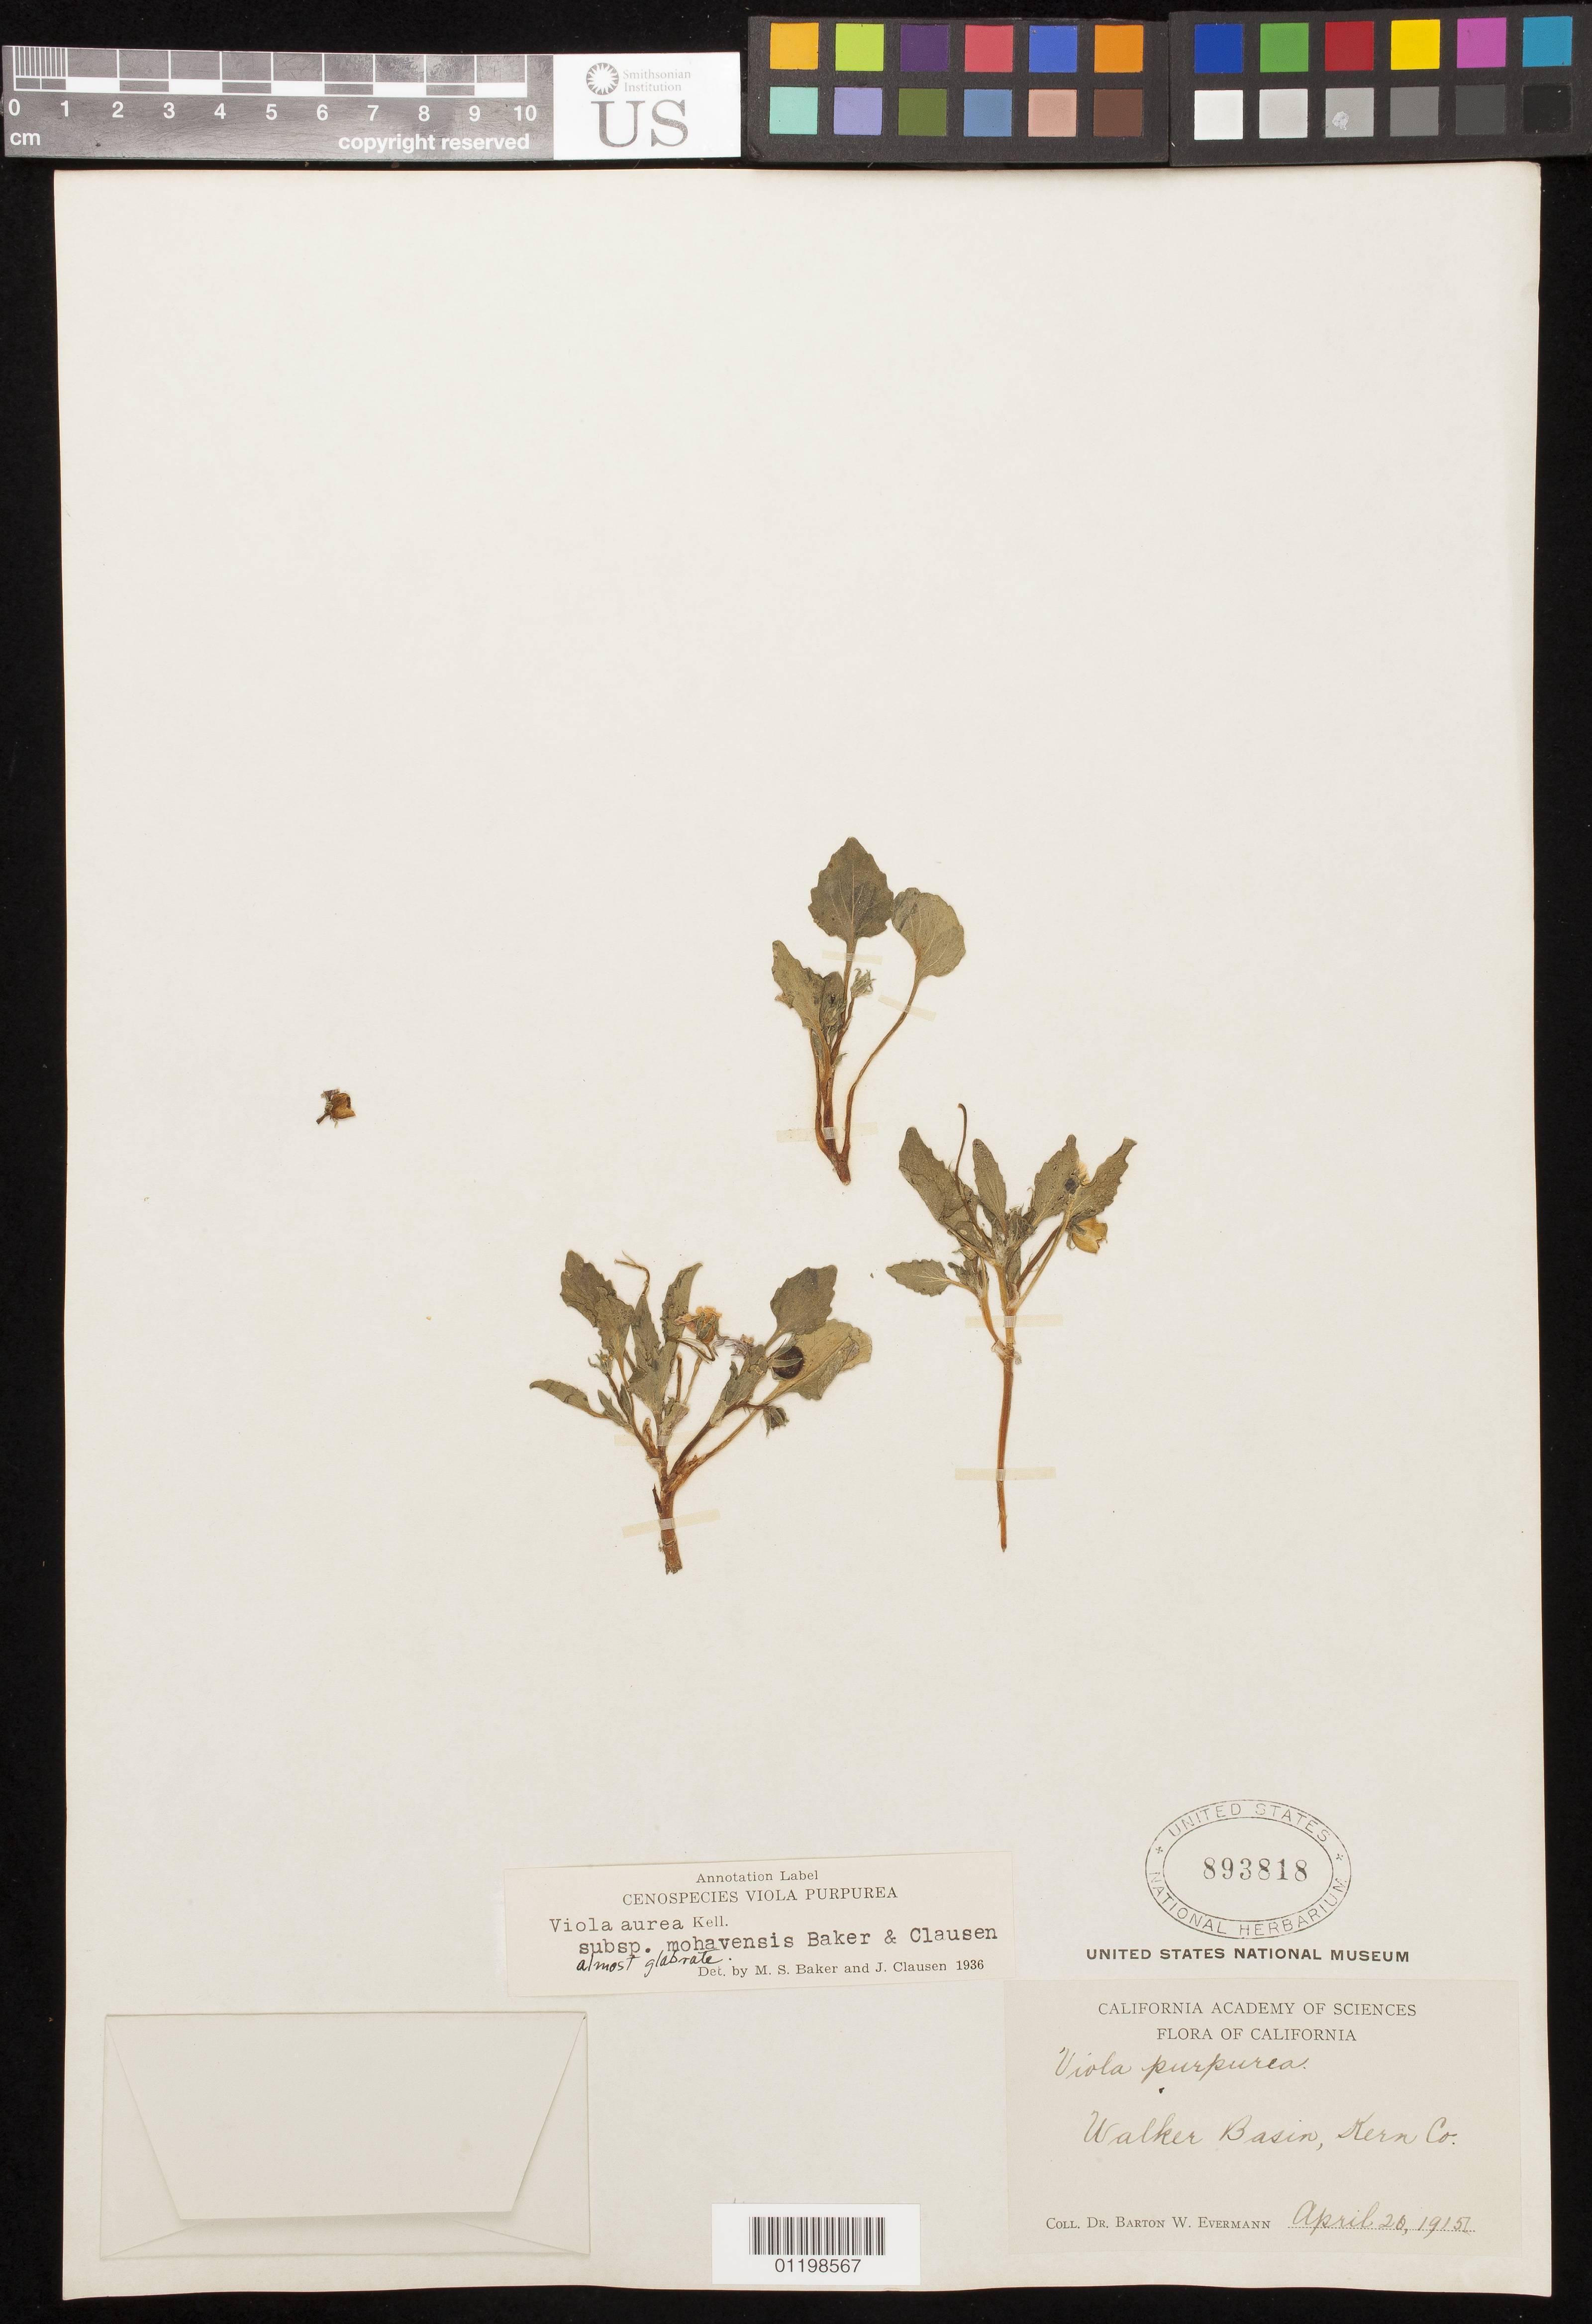 Image of golden violet